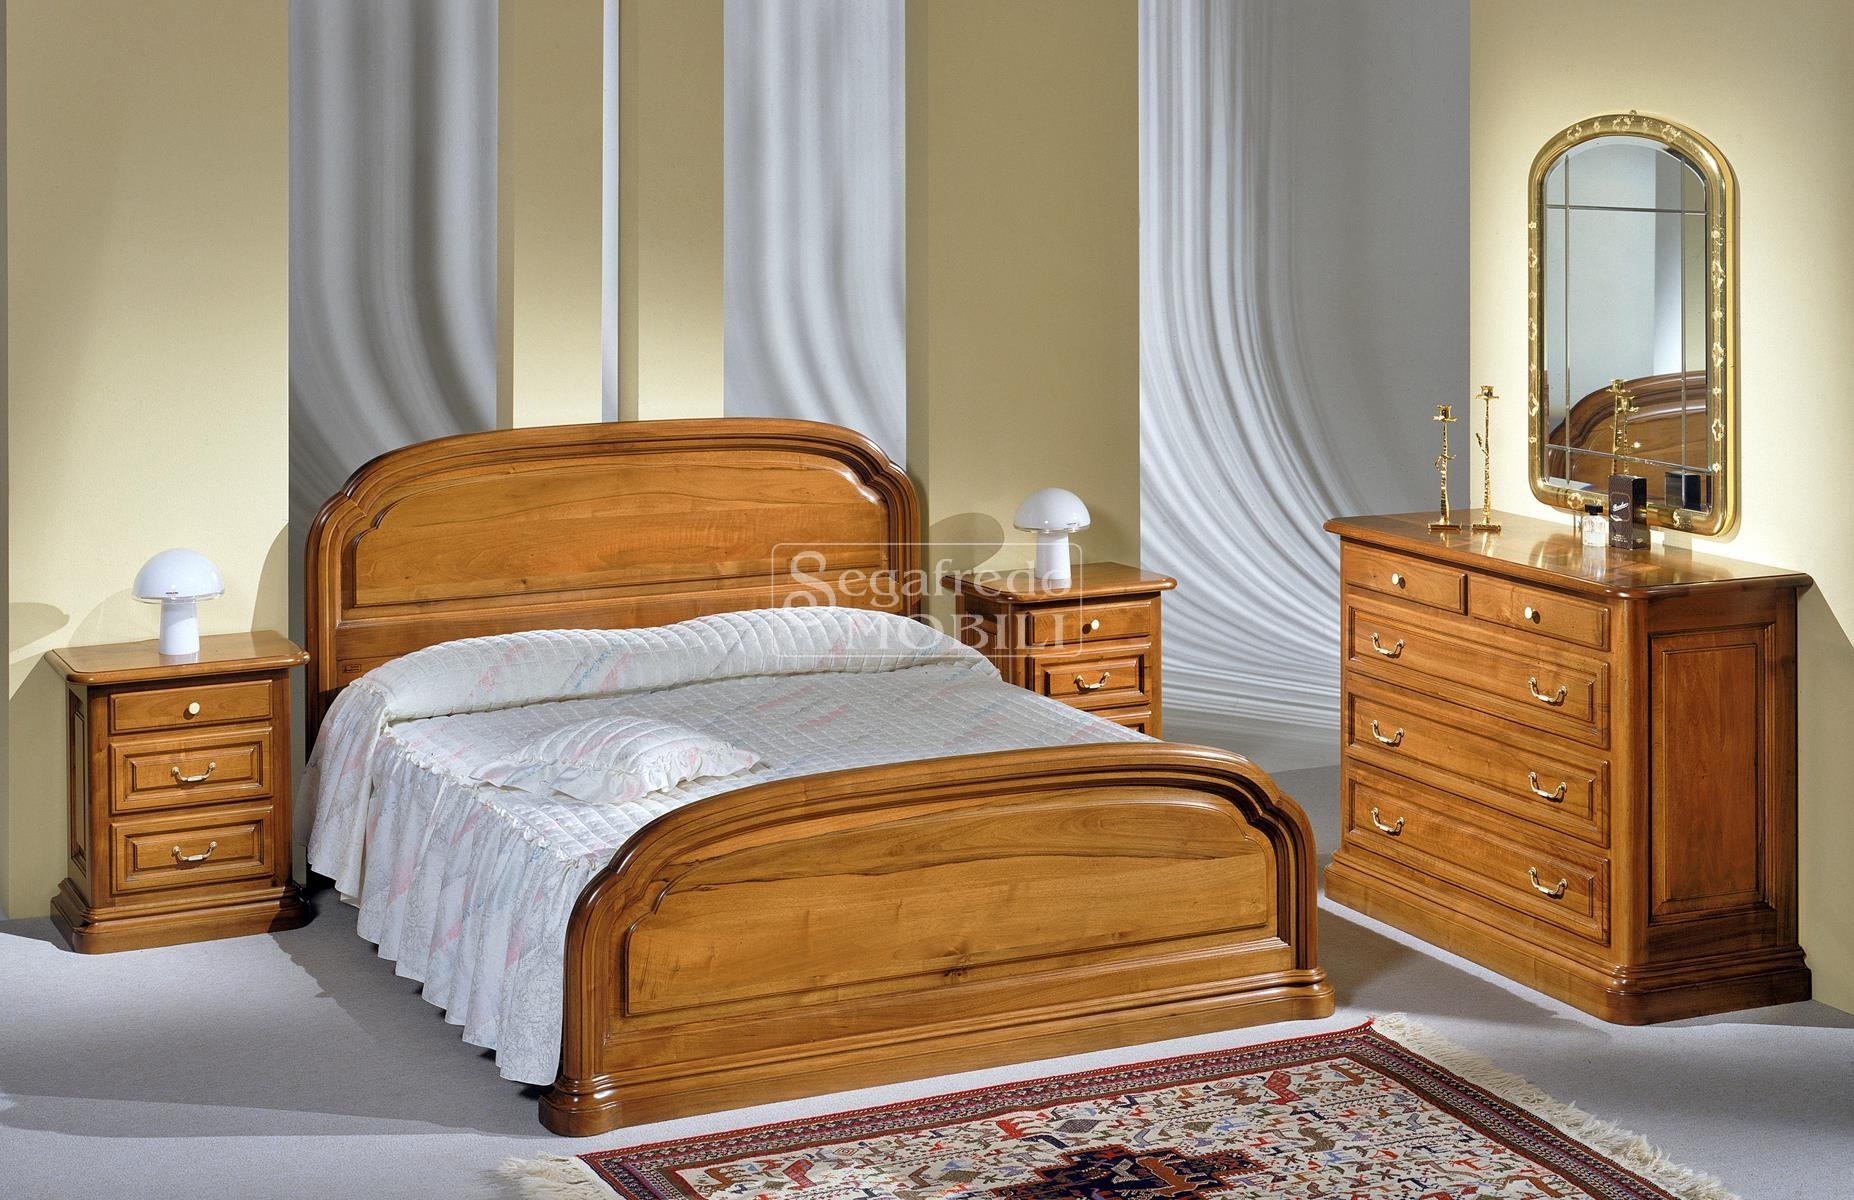 Camera con letto matrimoniale sagomato in legno massello for Camera matrimoniale in legno